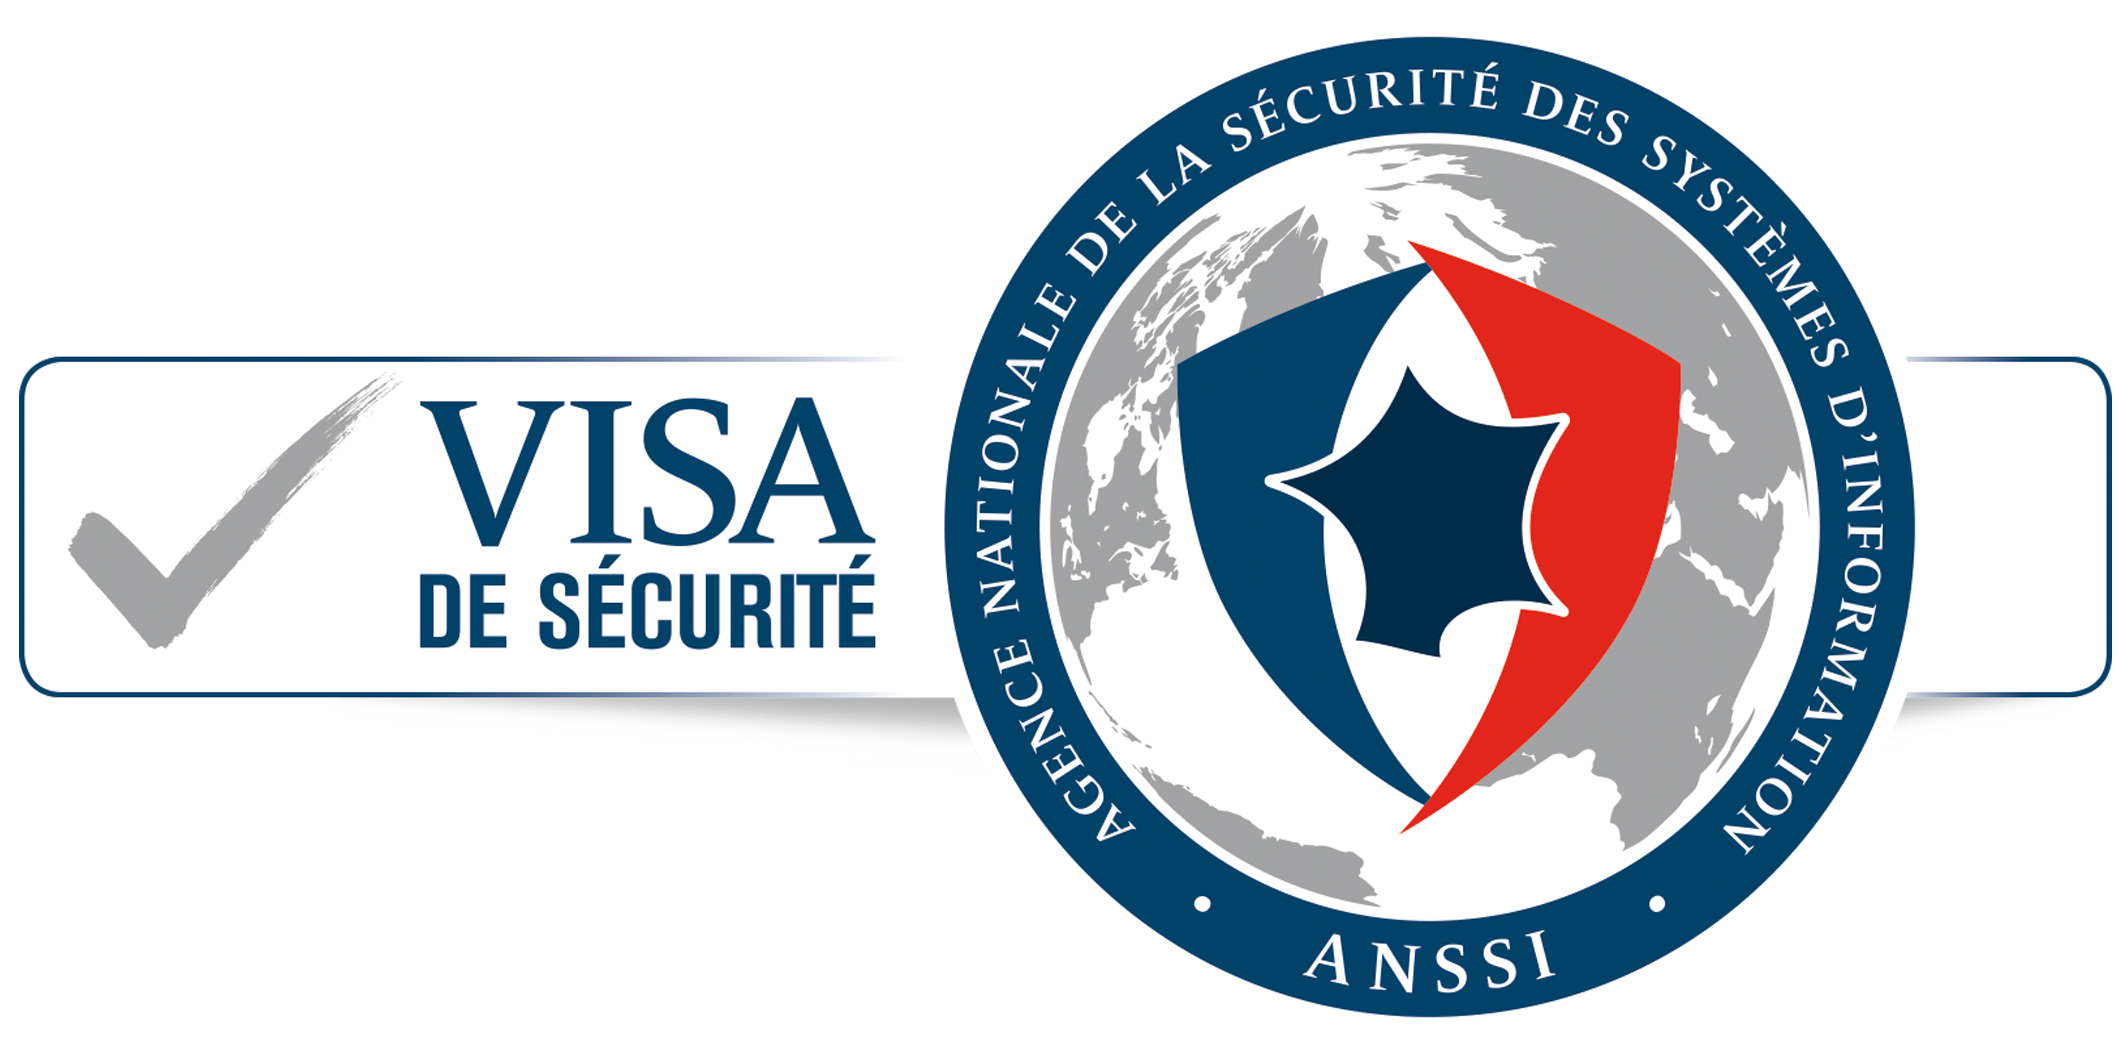 Visa de sécurité ANSSI - Logo png